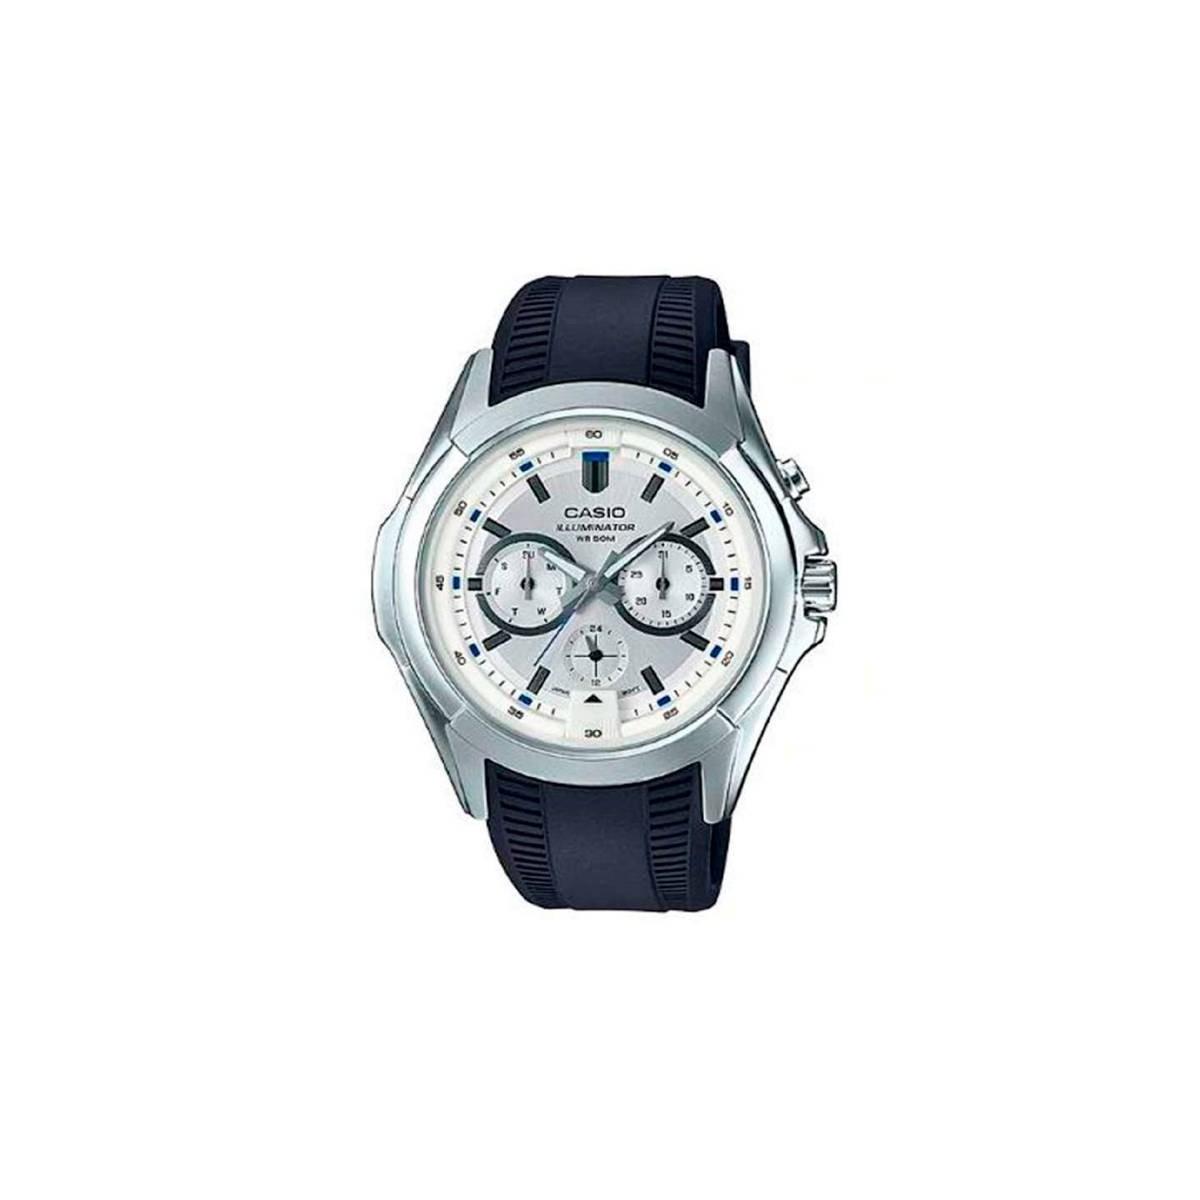 https://www.gaberjoyeria.com/5735-thickbox_default/reloj-casio.jpg